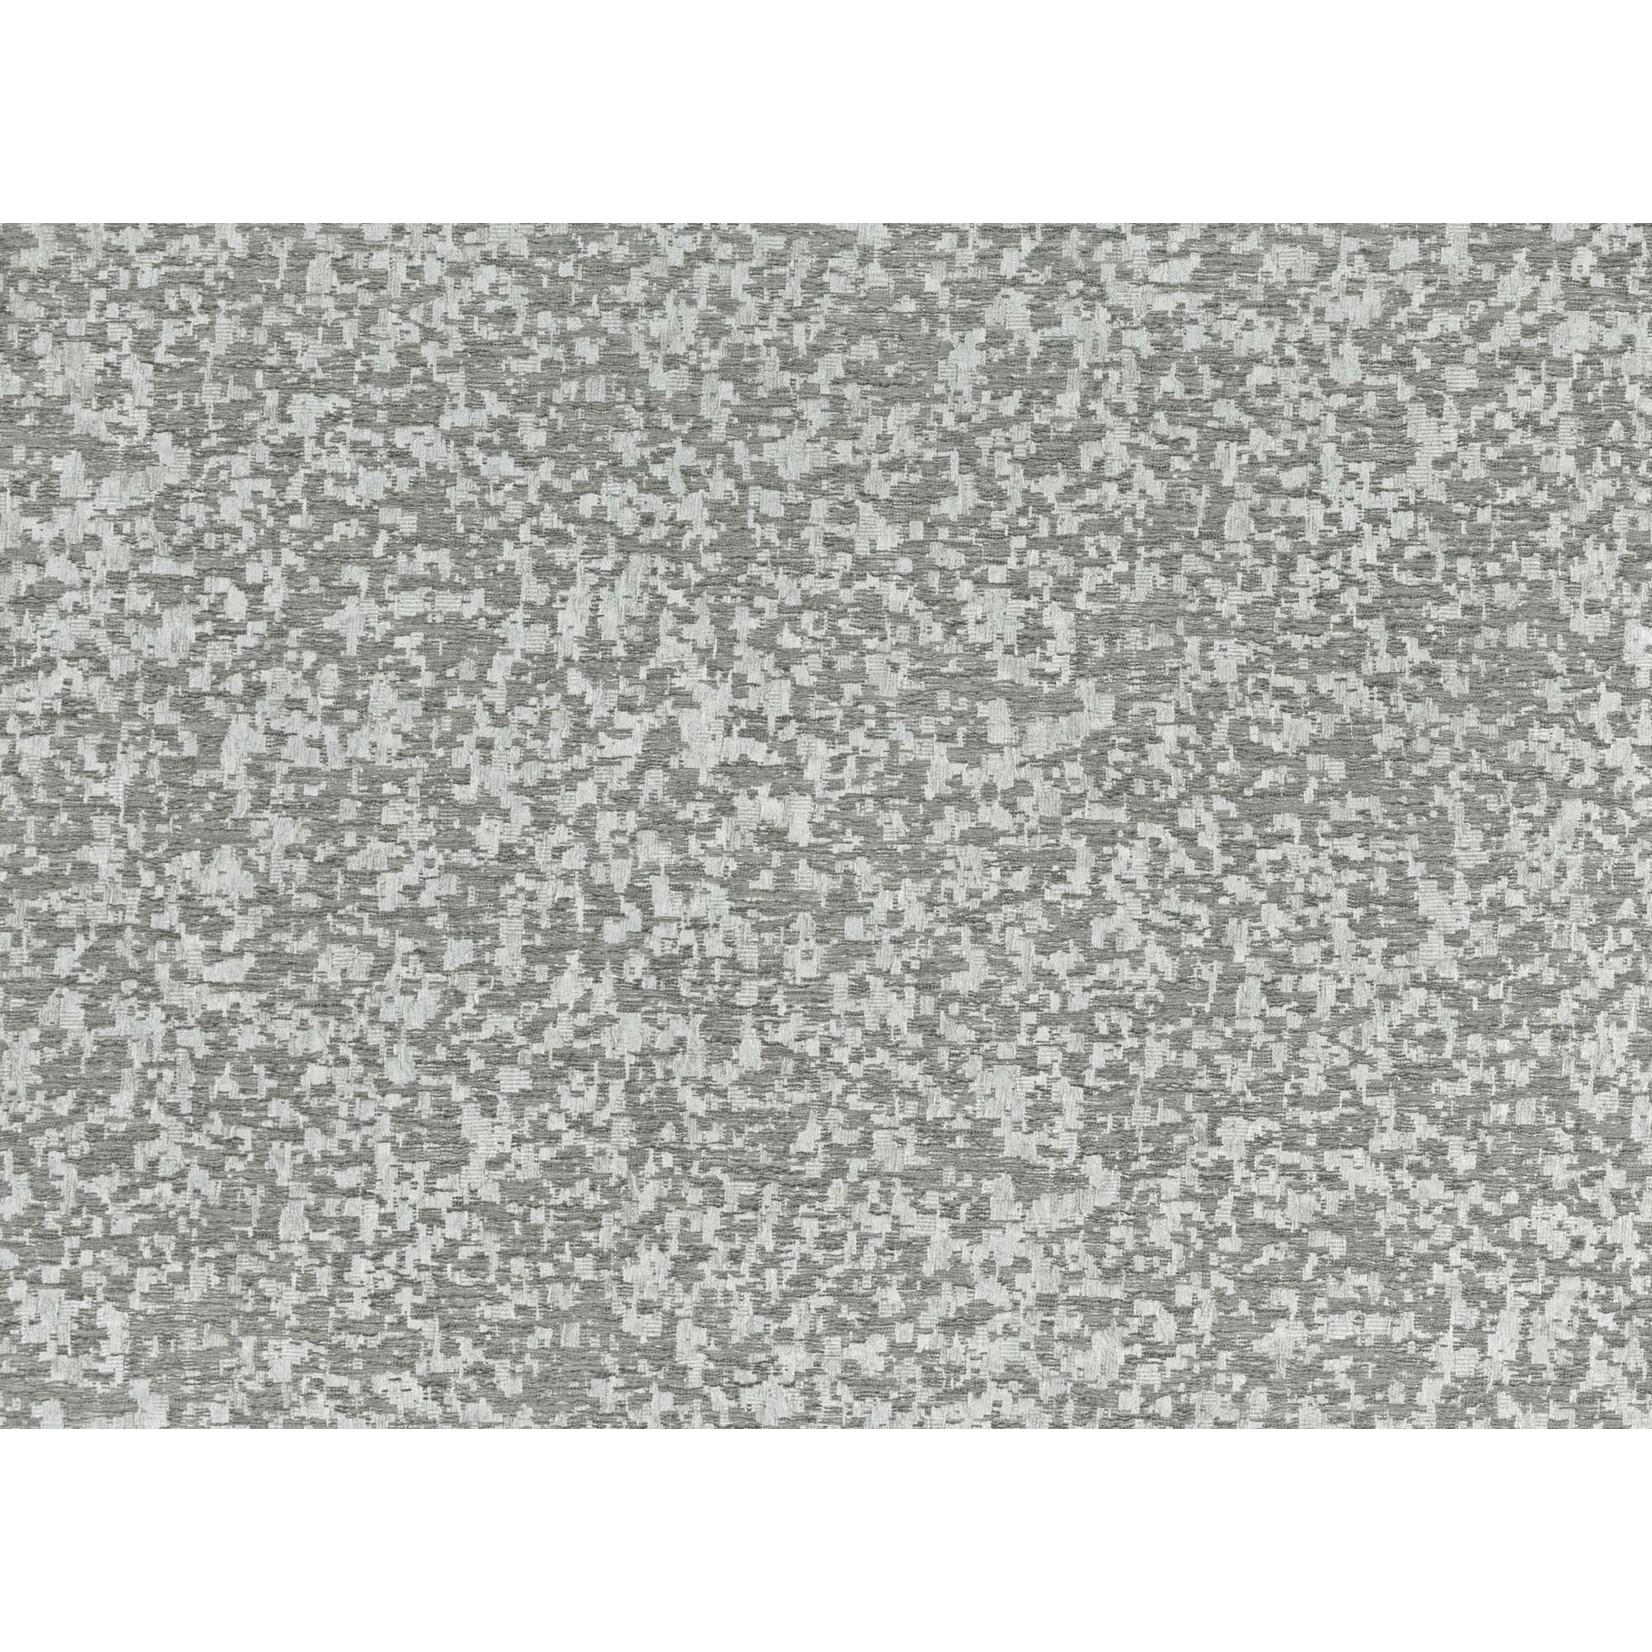 Romo Etsu Wallcoverings | Dufrene Tweed